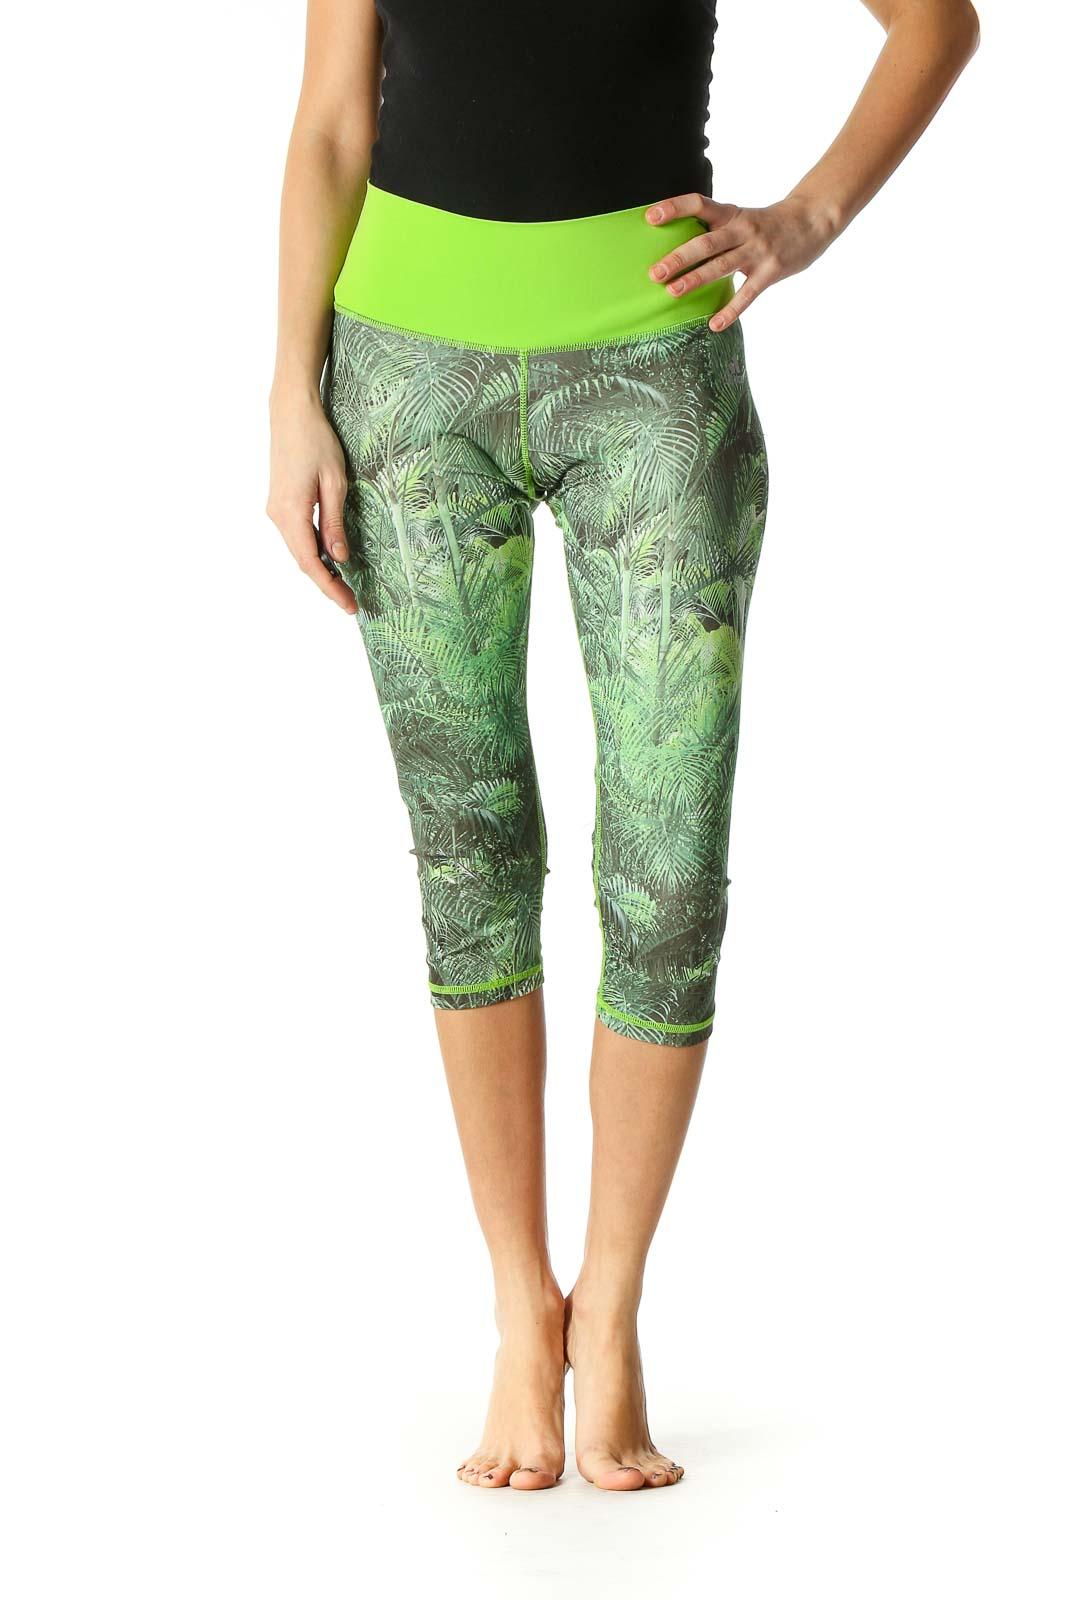 Green Casual Skinny Leggings Front